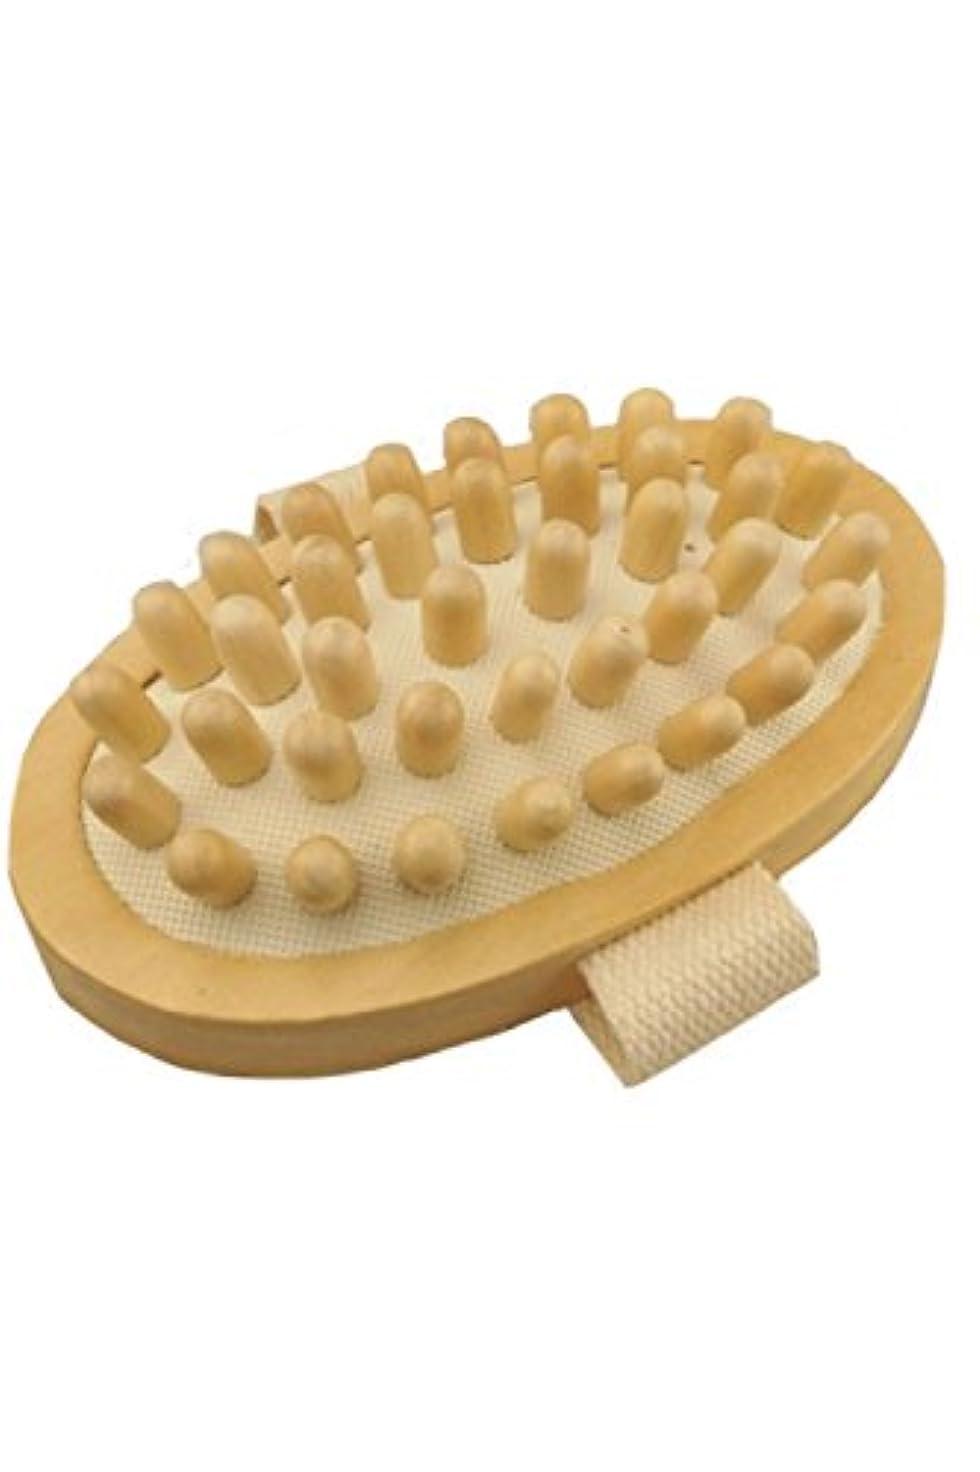 促進する制限スズメバチ(POMAIKAI) マッサージブラシ ボディ セルライト リンパ ボディーブラシ むくみ解消 お腹 足 脚 マッサージ 1個